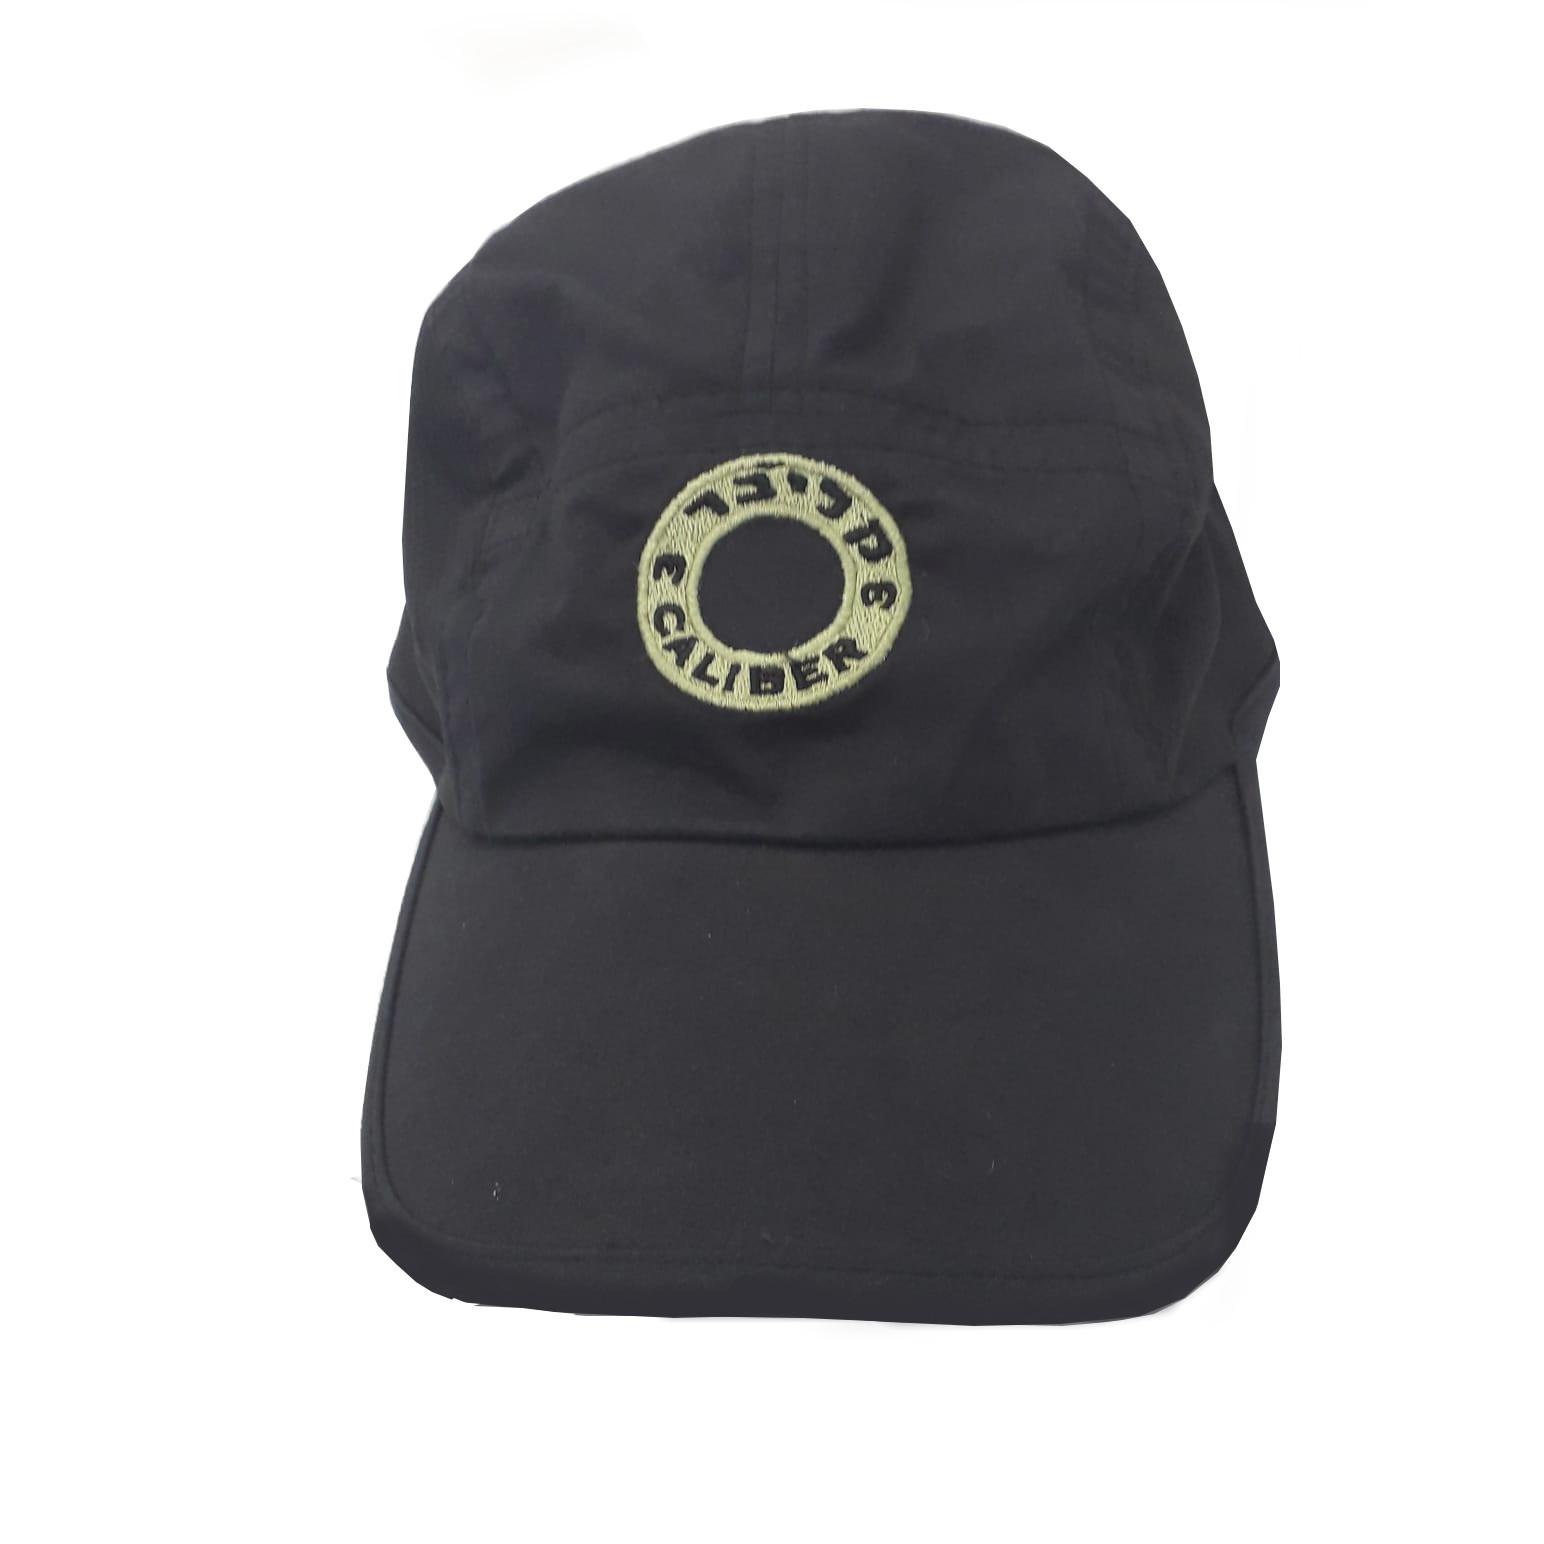 black dryfit hat front view2.jpeg